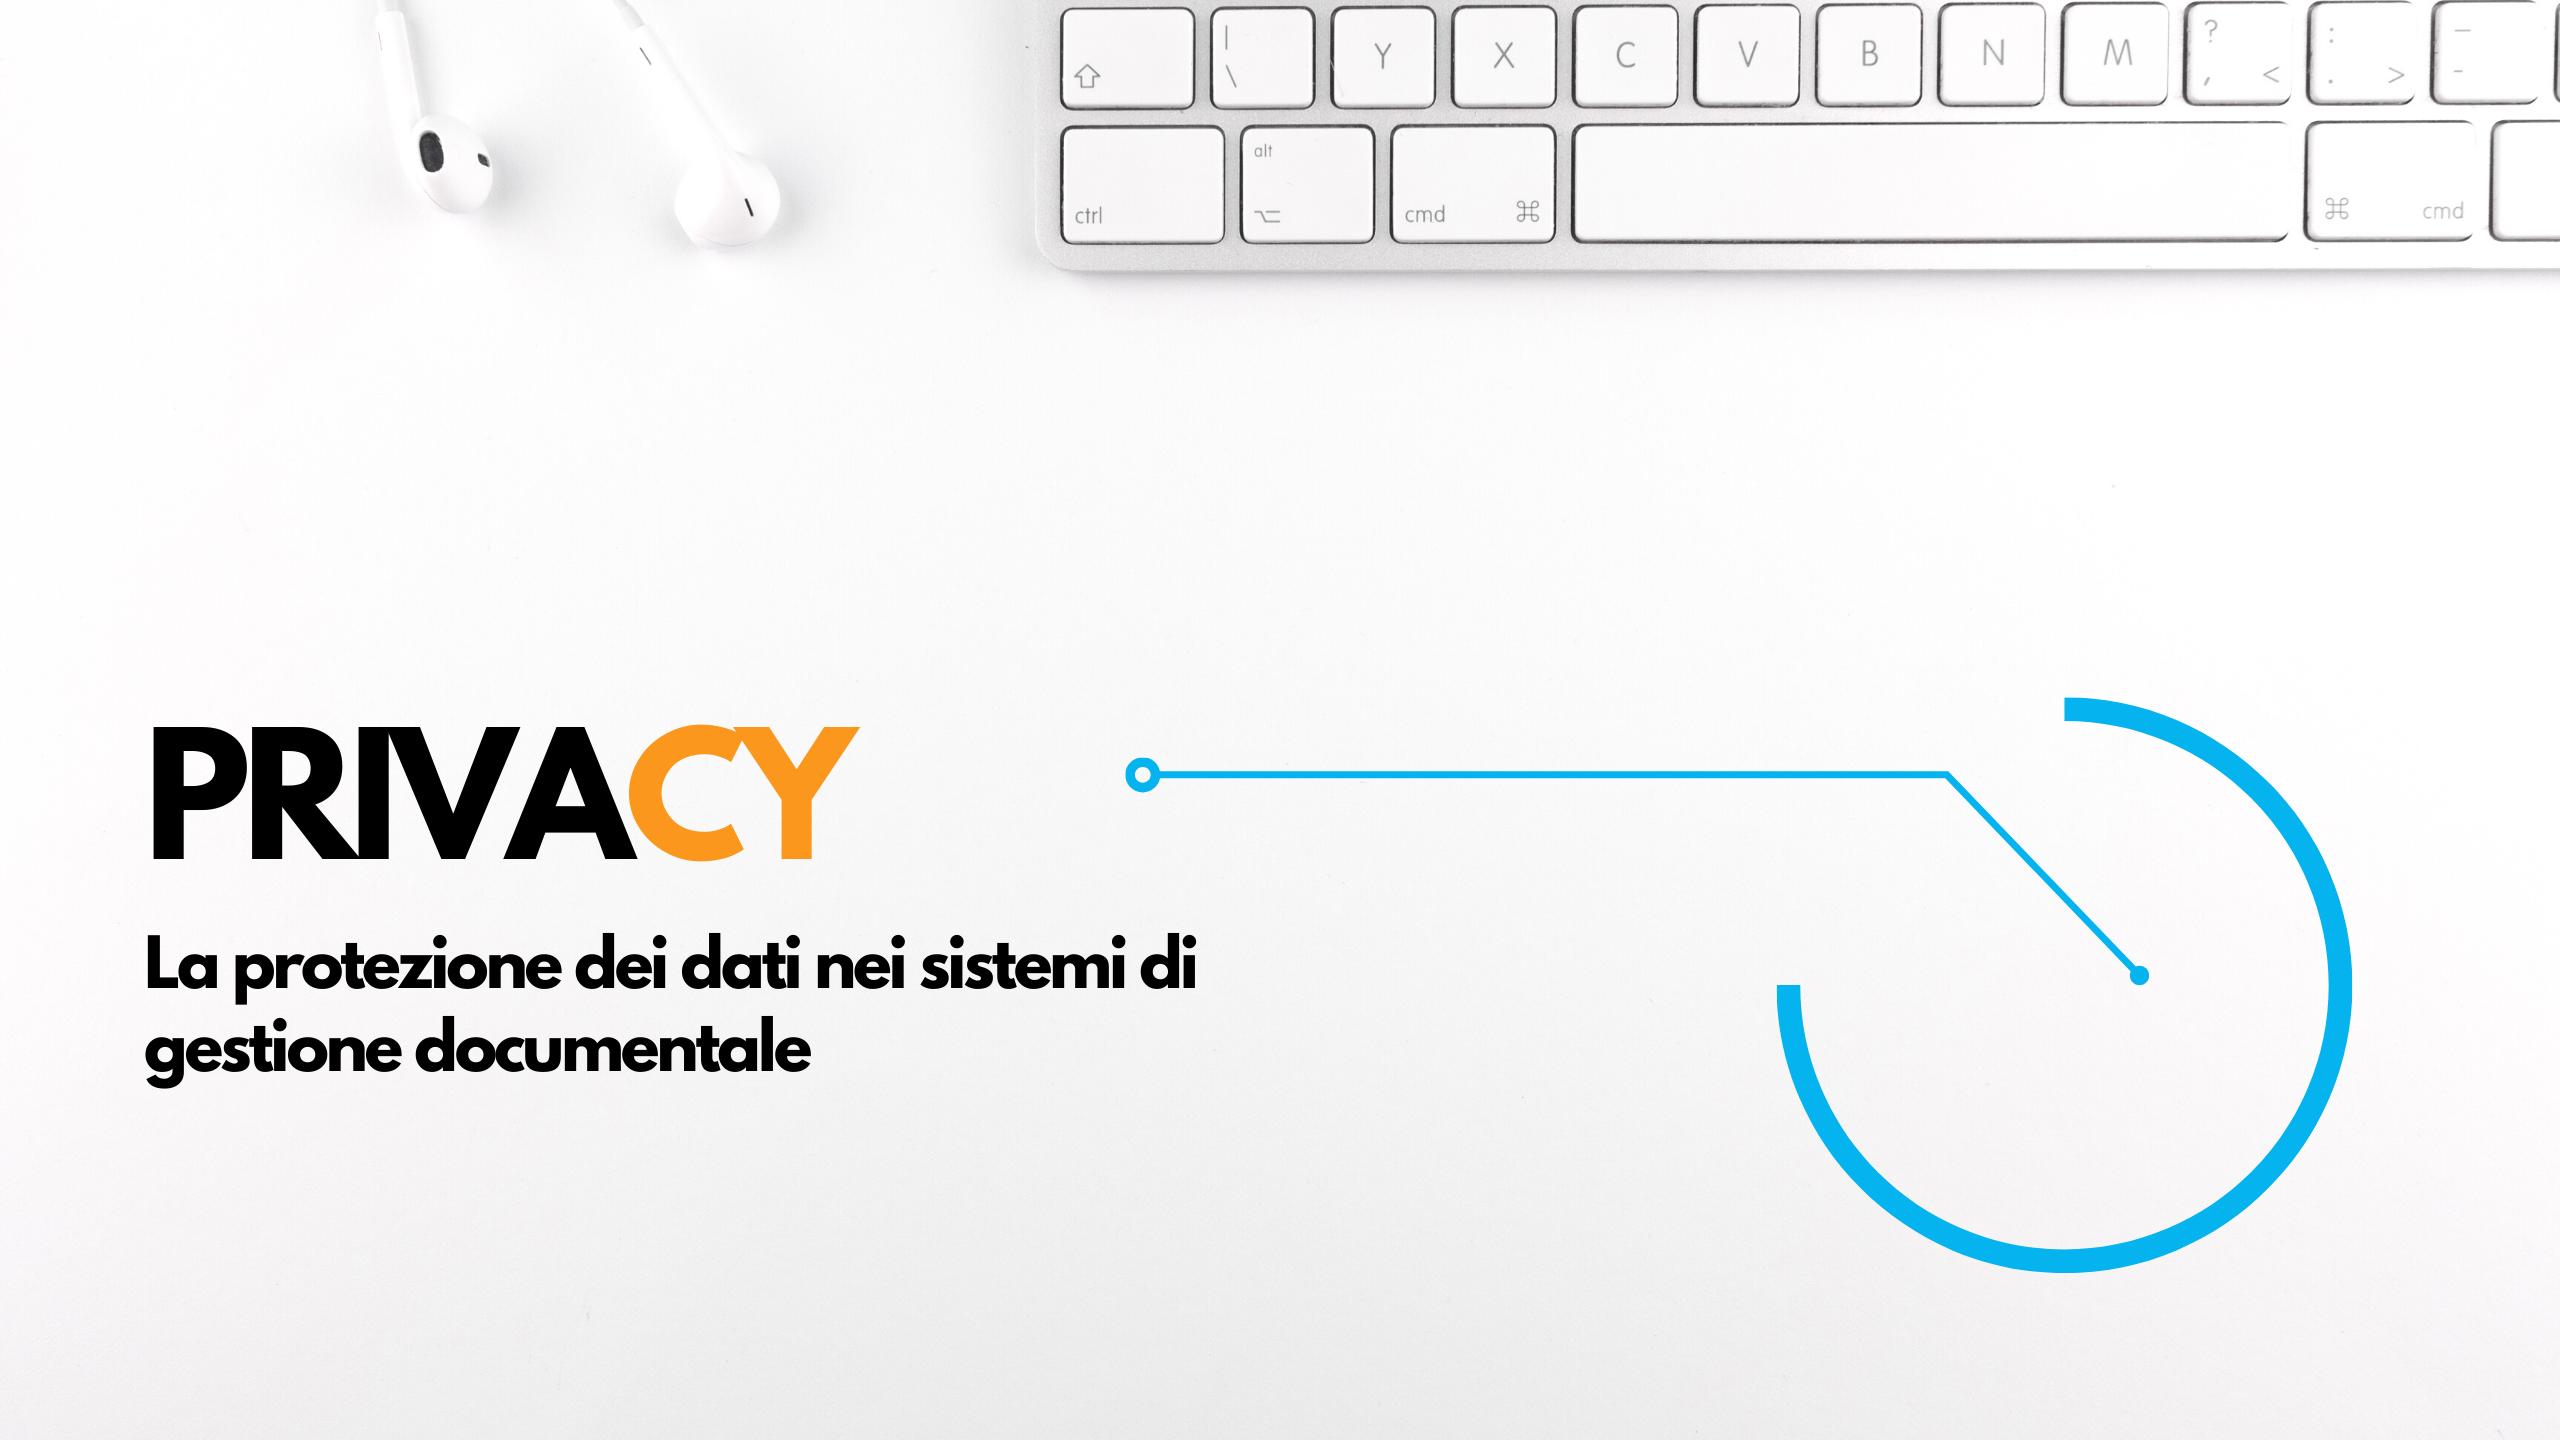 Mastercourse ANORC 2020 - La protezione dei dati nei sistemi di gestione documentale - Avv. Andrea Lisi